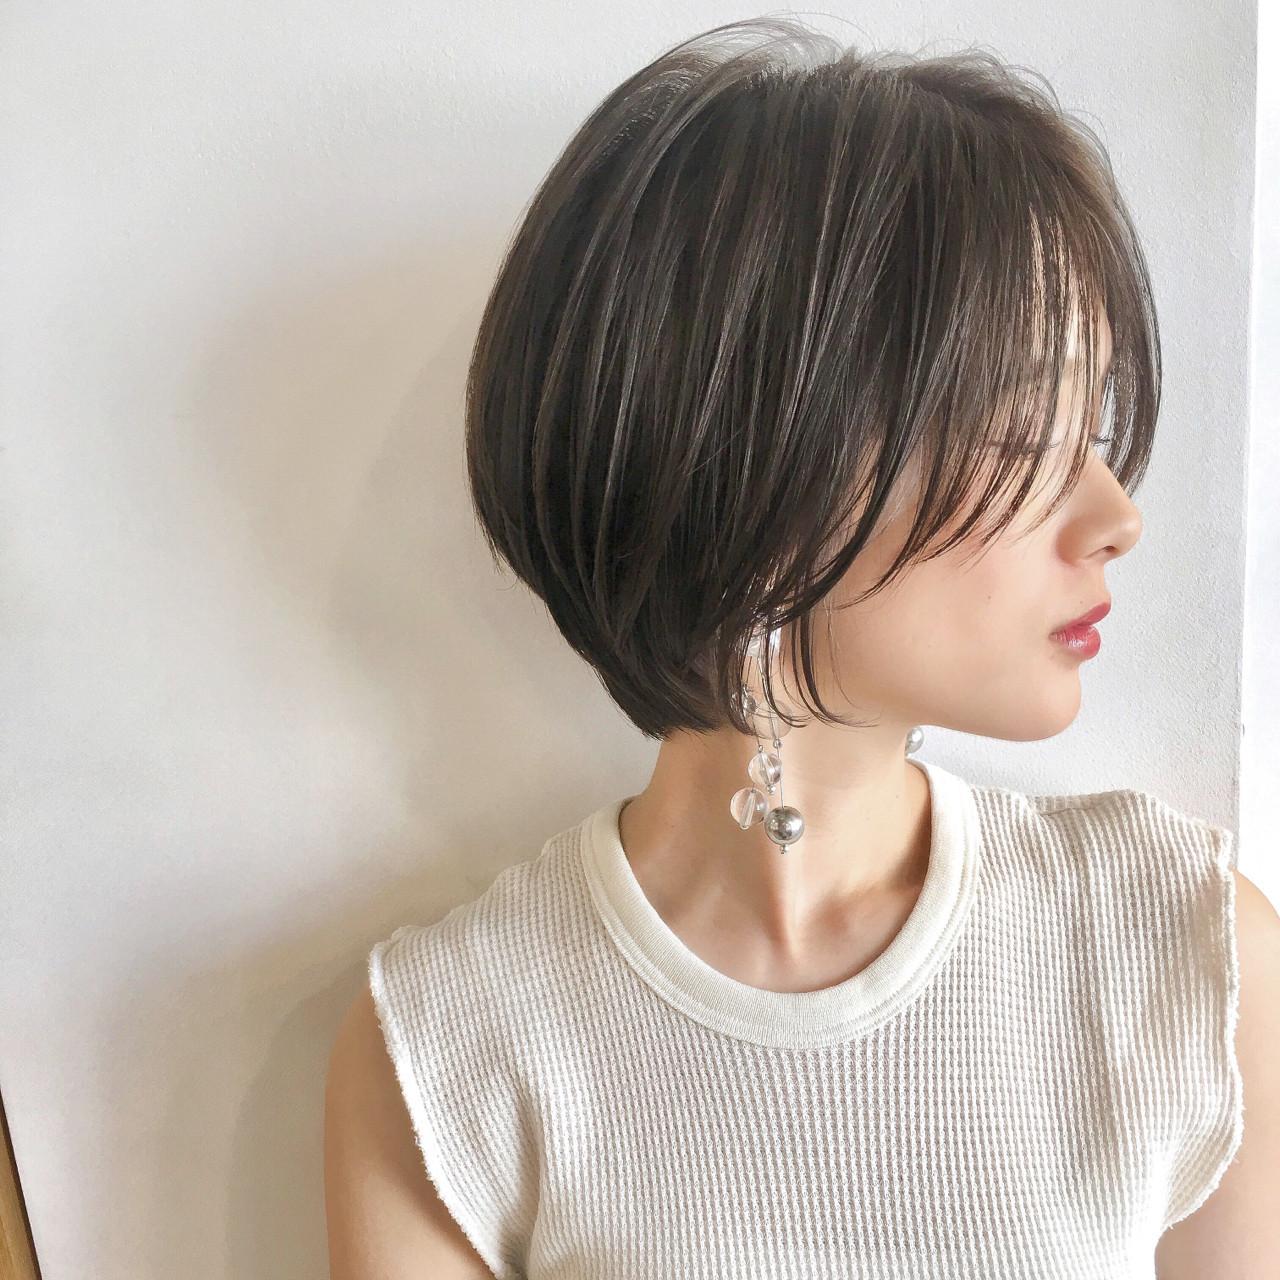 エフォートレス ヘアアレンジ フェミニン オフィス ヘアスタイルや髪型の写真・画像 | ショートボブの匠【 山内大成 】『i.hair』 / 『 i. 』 omotesando